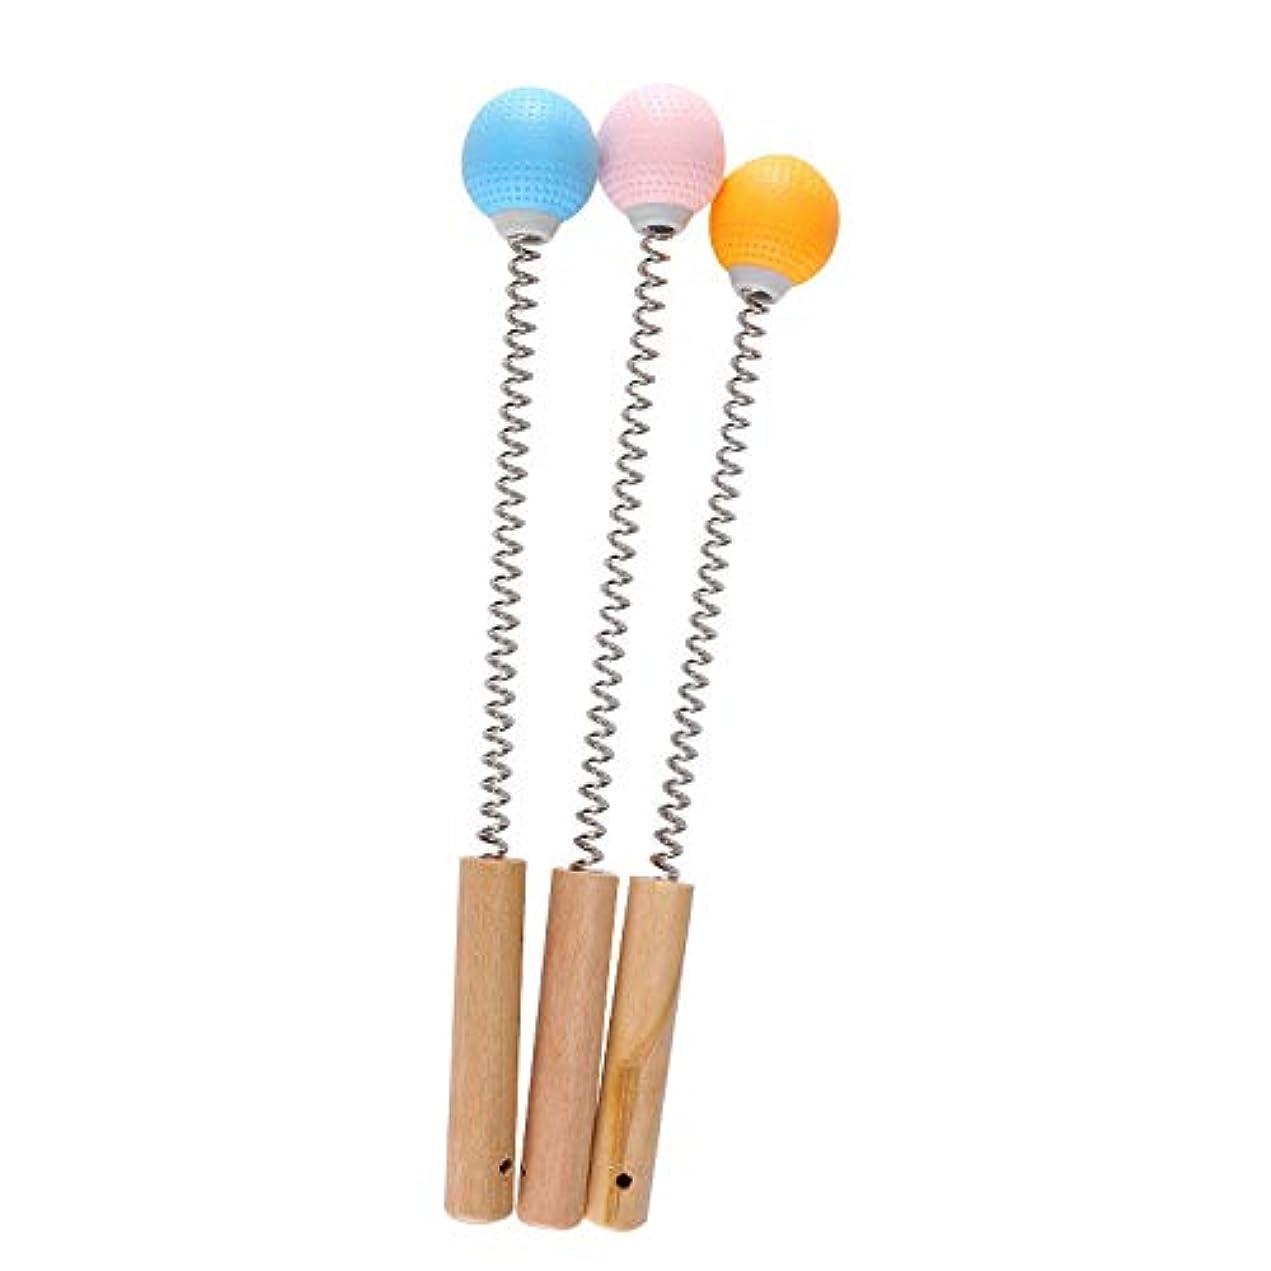 長々とシリンダー単調なOral Dentistry マッサージハンマー 肩たたき棒 木材柄 プラスチック製 ハンドル ばね付き ボディー ストレス 肩こり解消 手持ち ゴルフ型 (イエロー)